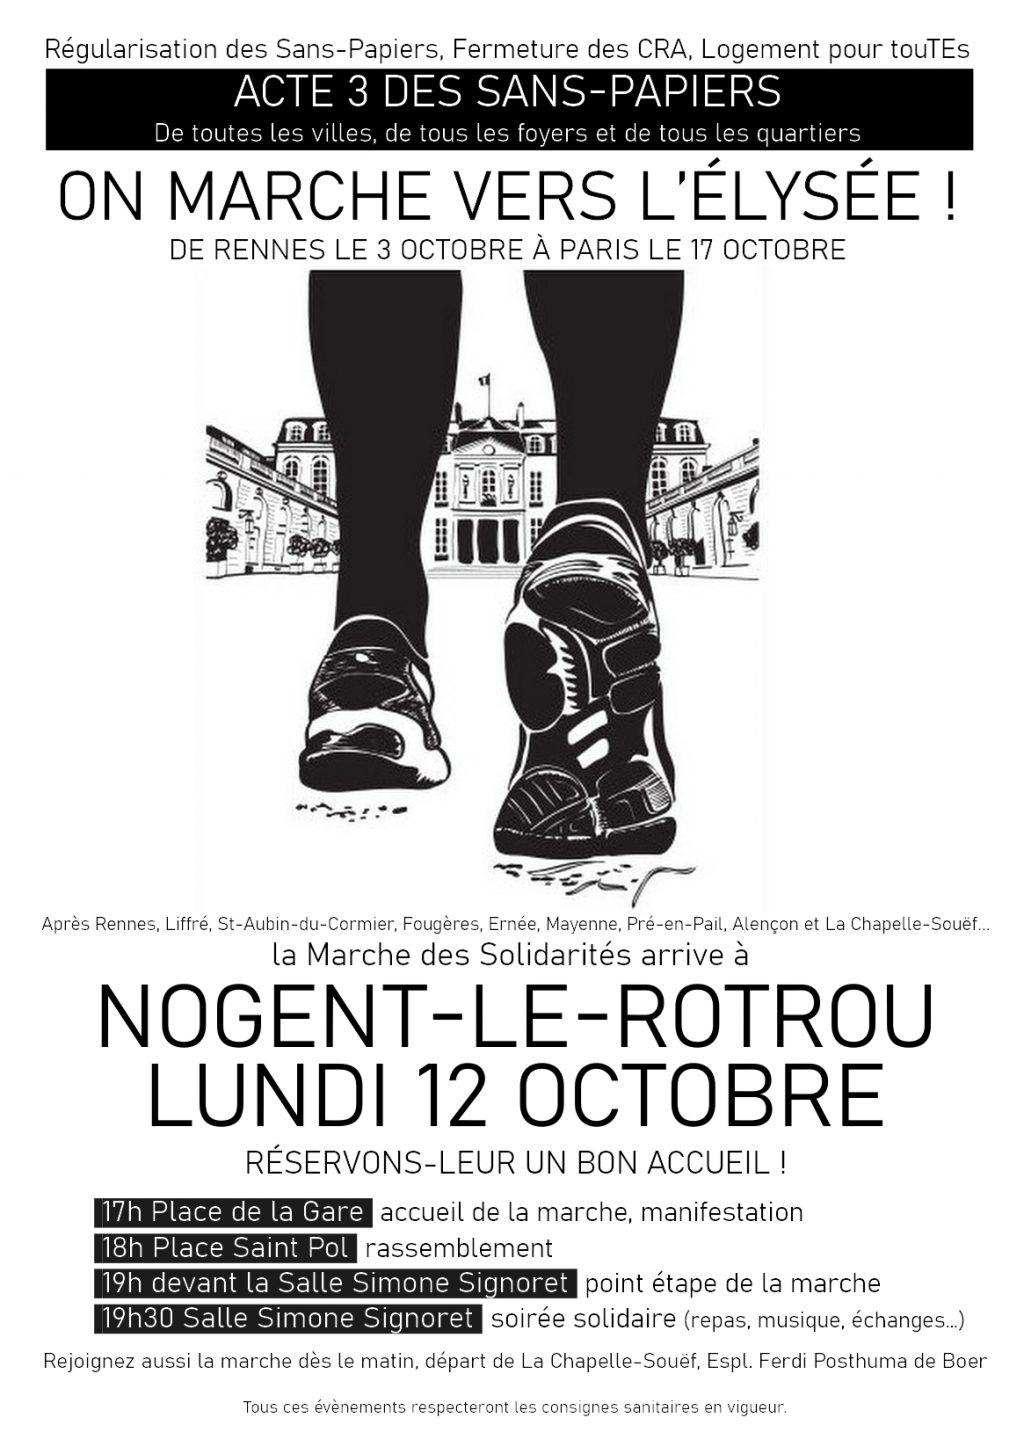 Tract 12 octobre Marche des Solidarités Nogent-le-Rotrou [recto]